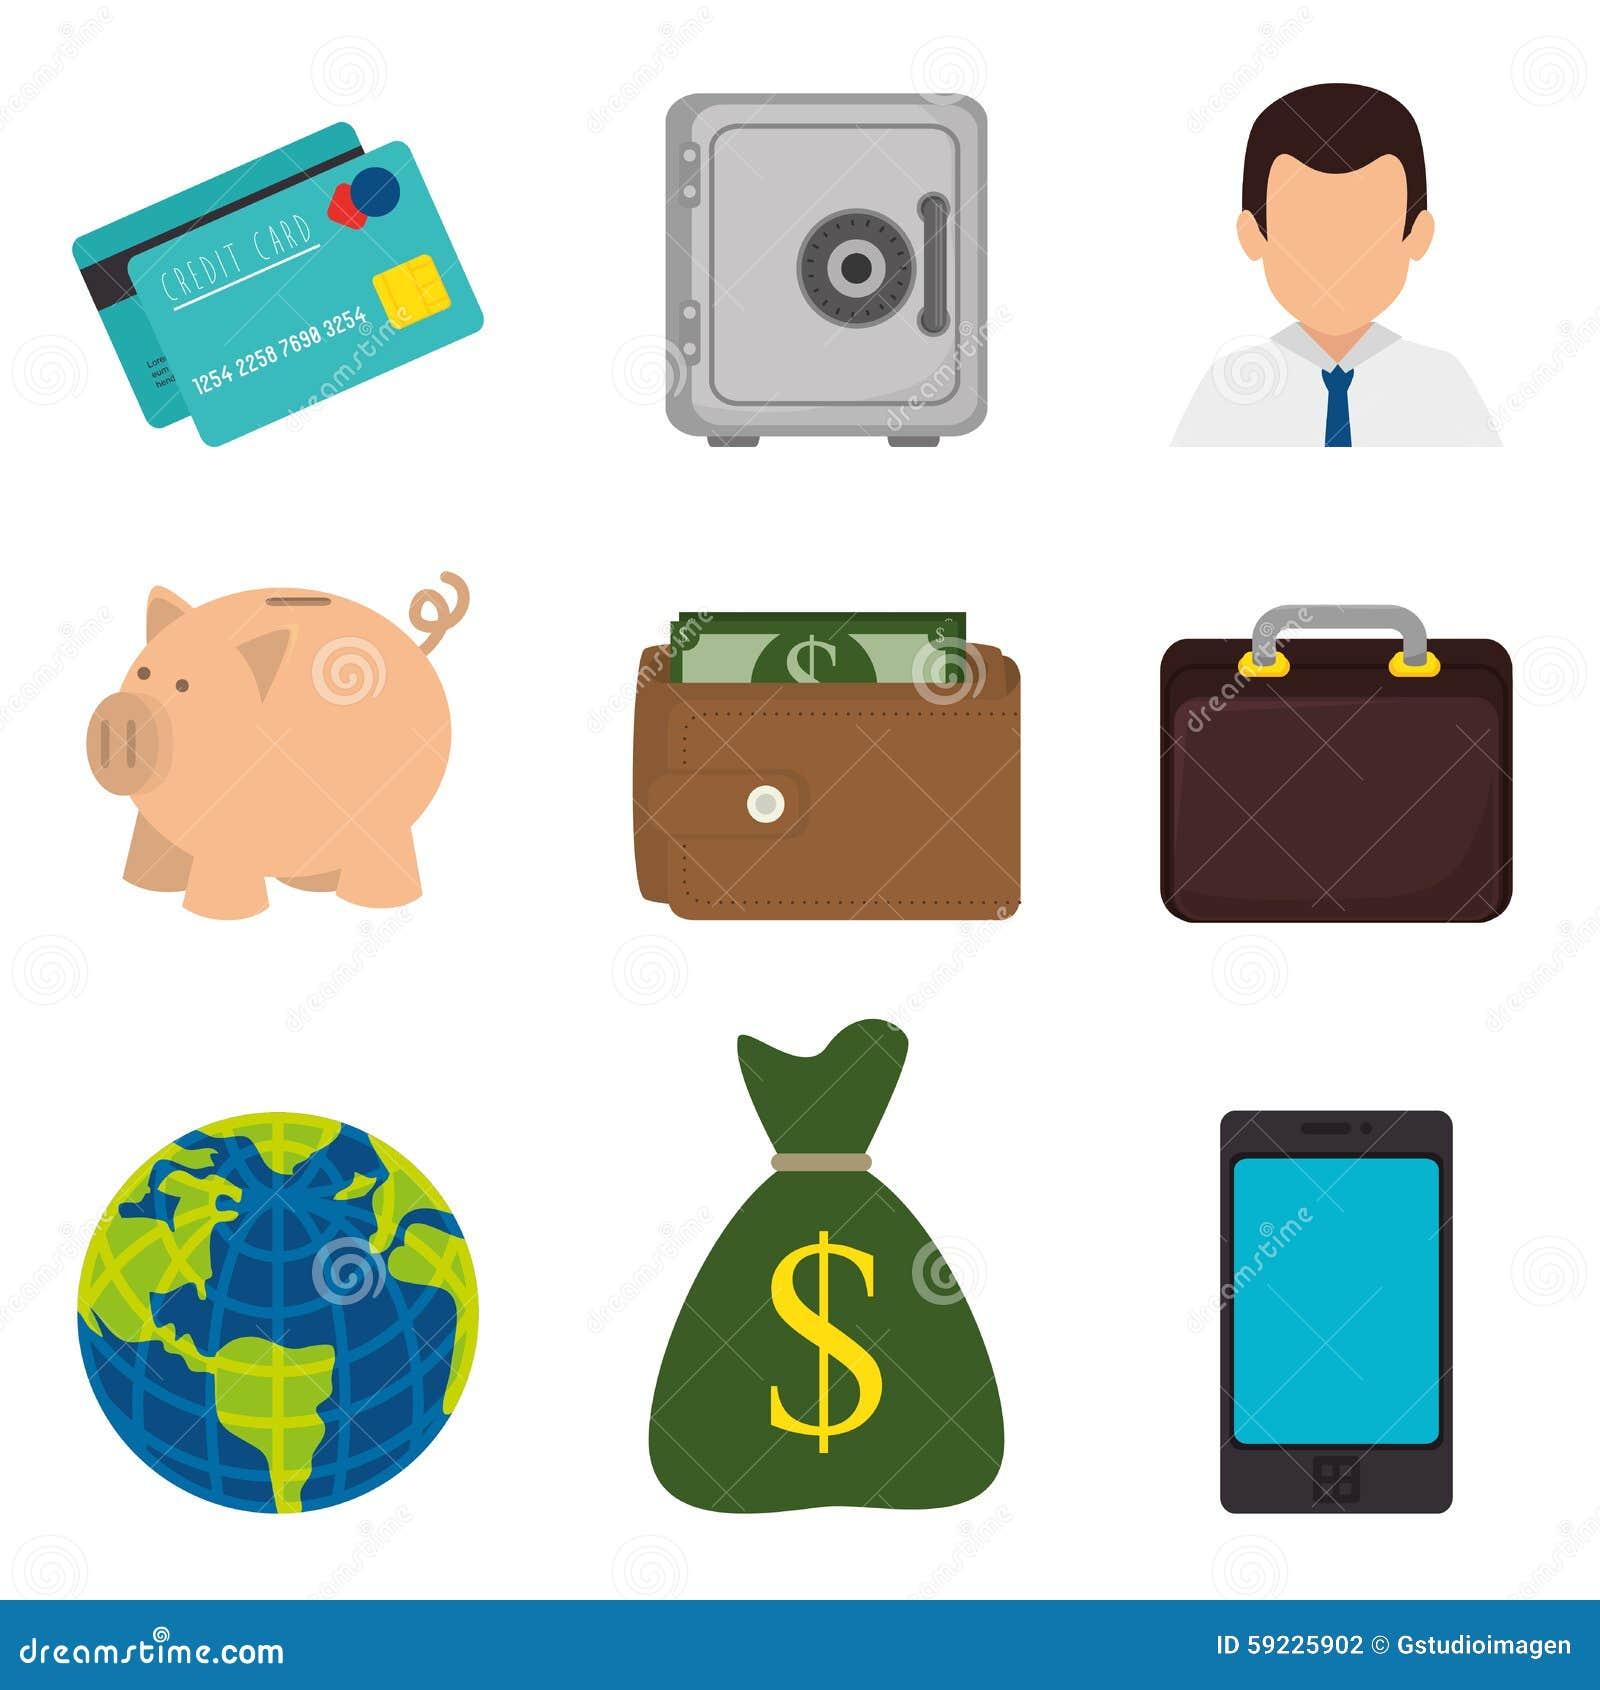 Negocio, dinero y economía global